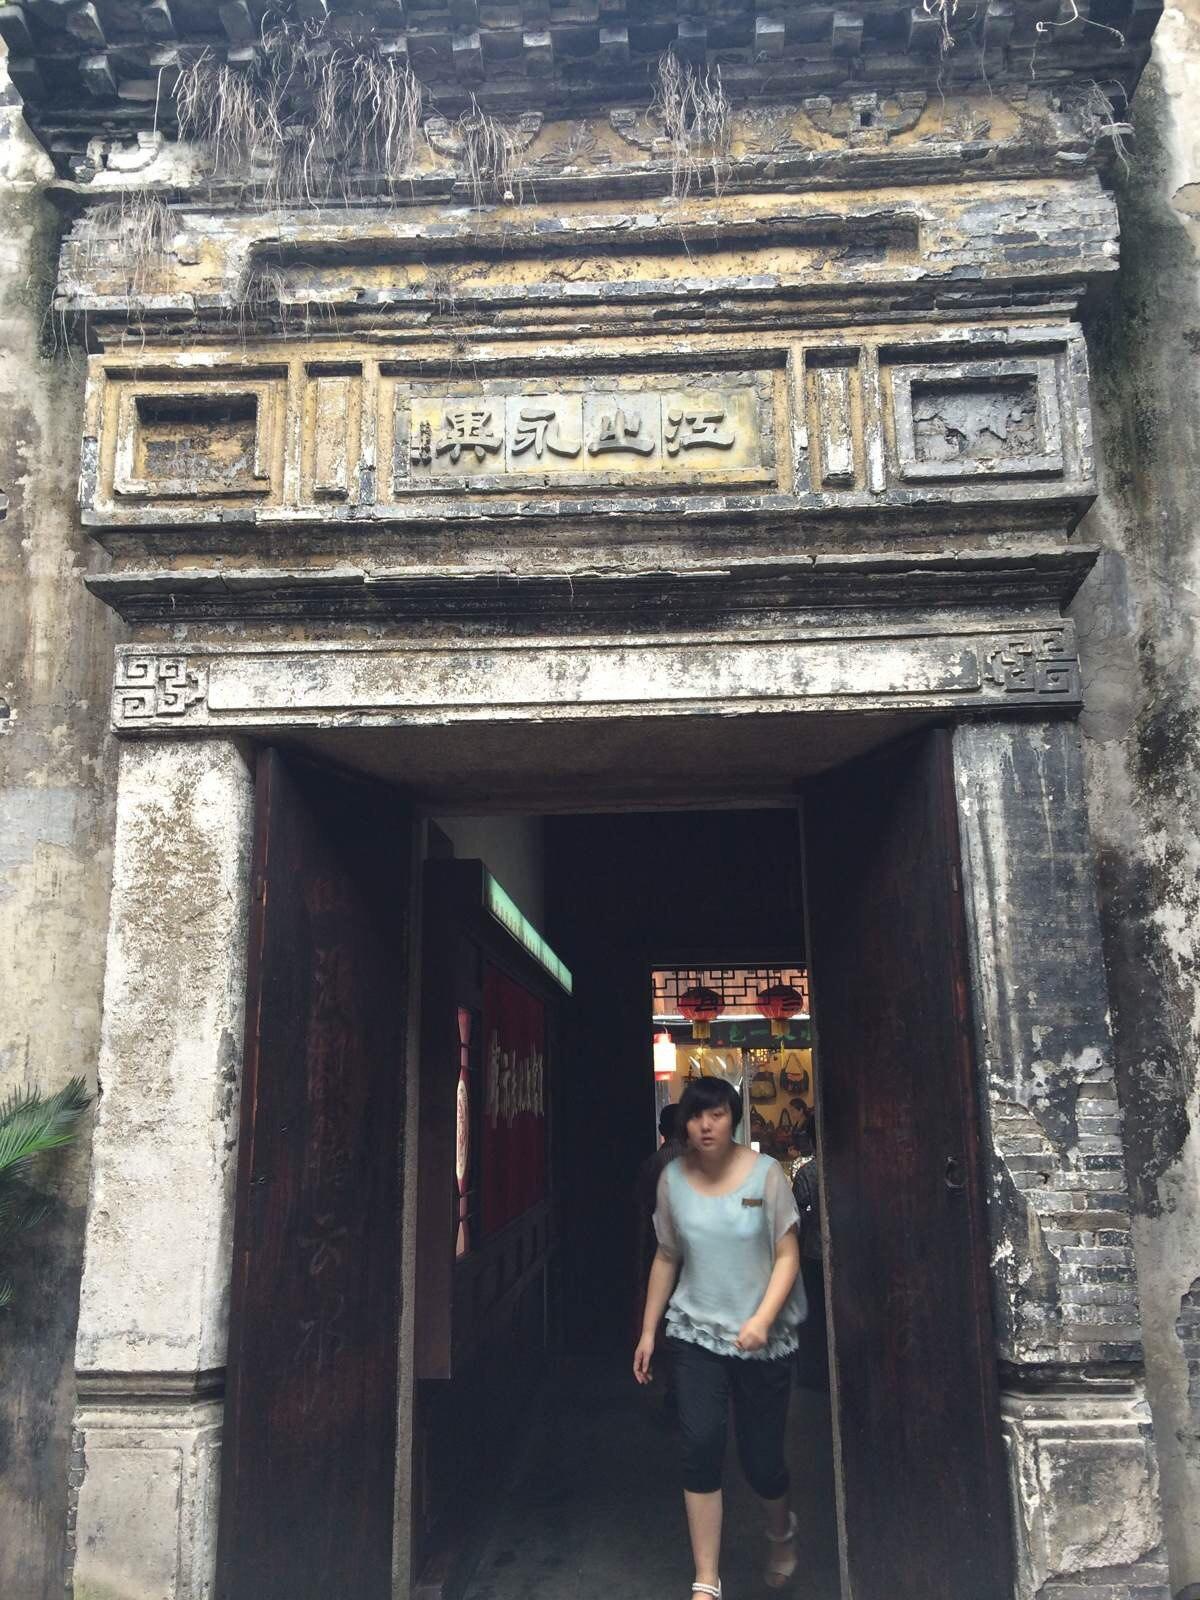 张正根雕艺术馆 张正根雕艺术馆位于浙江西塘计家弄内,共收藏了著名